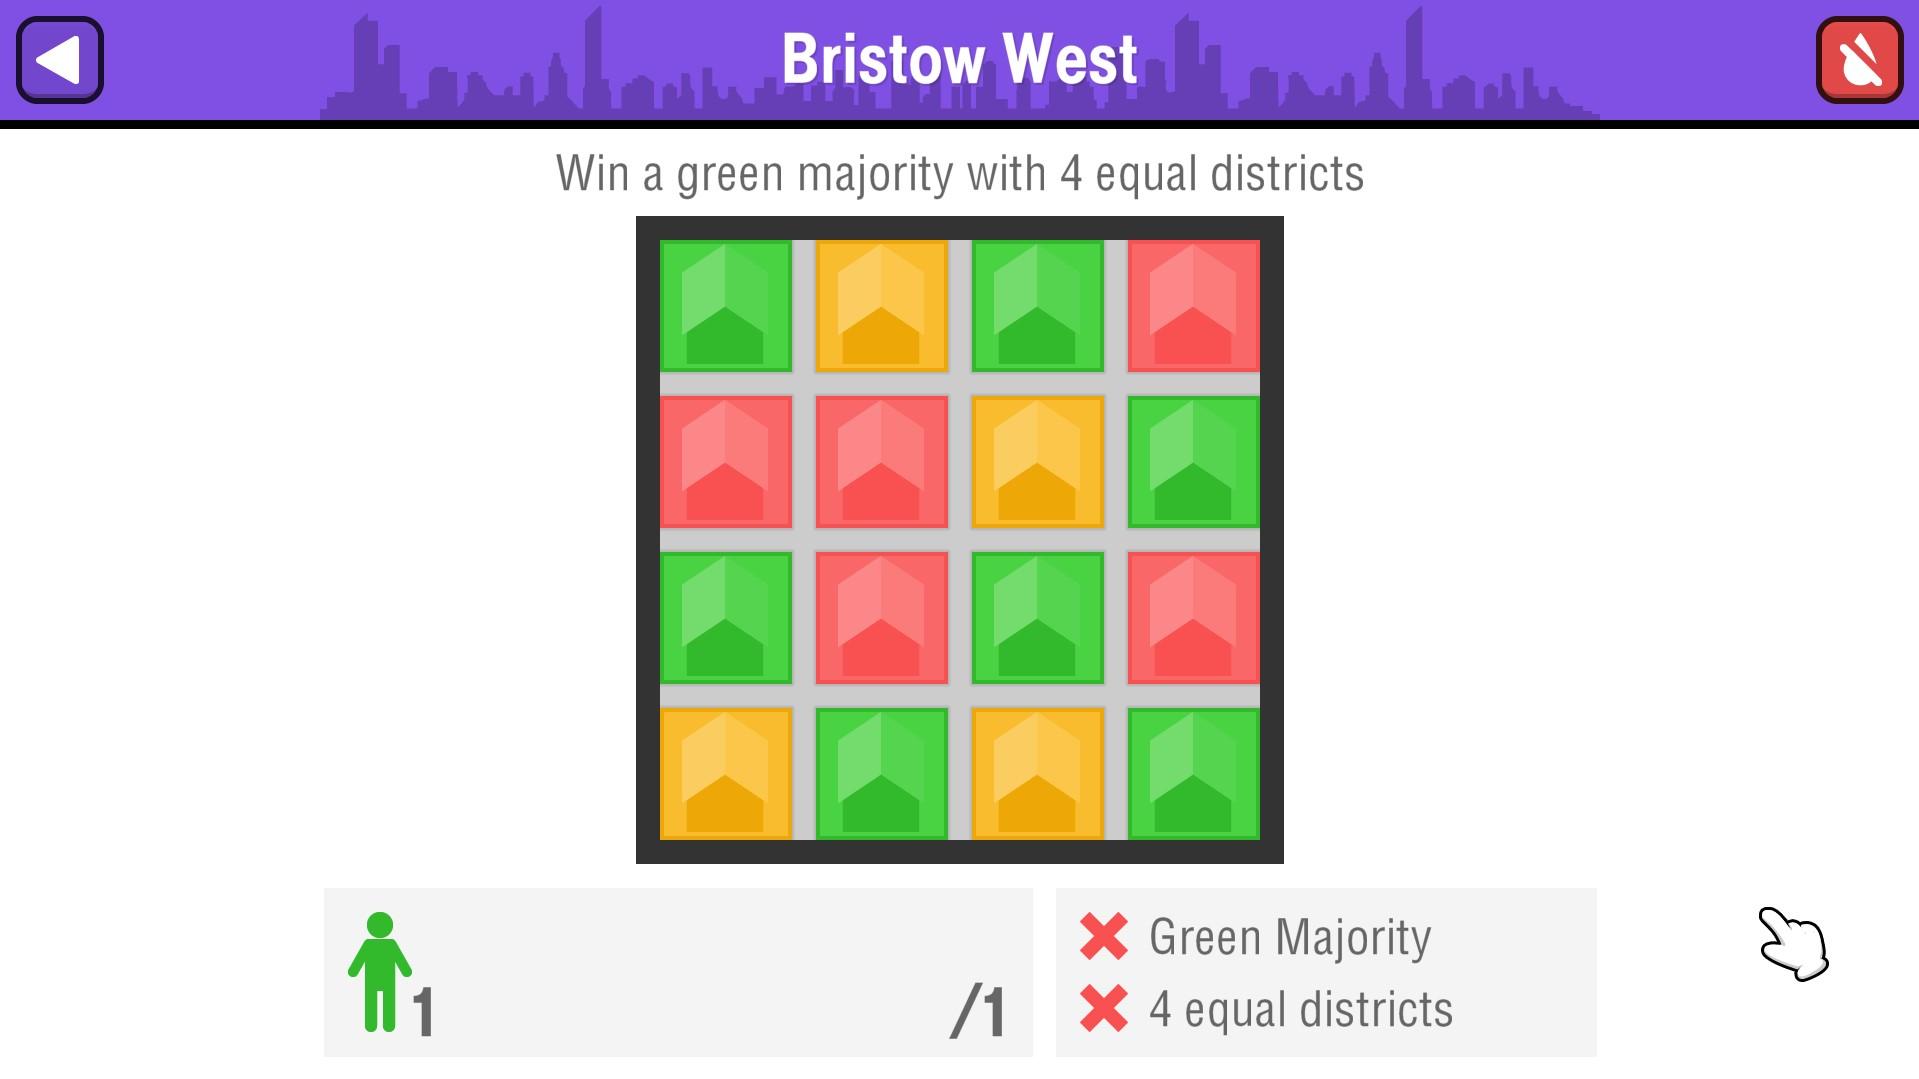 Bristow West